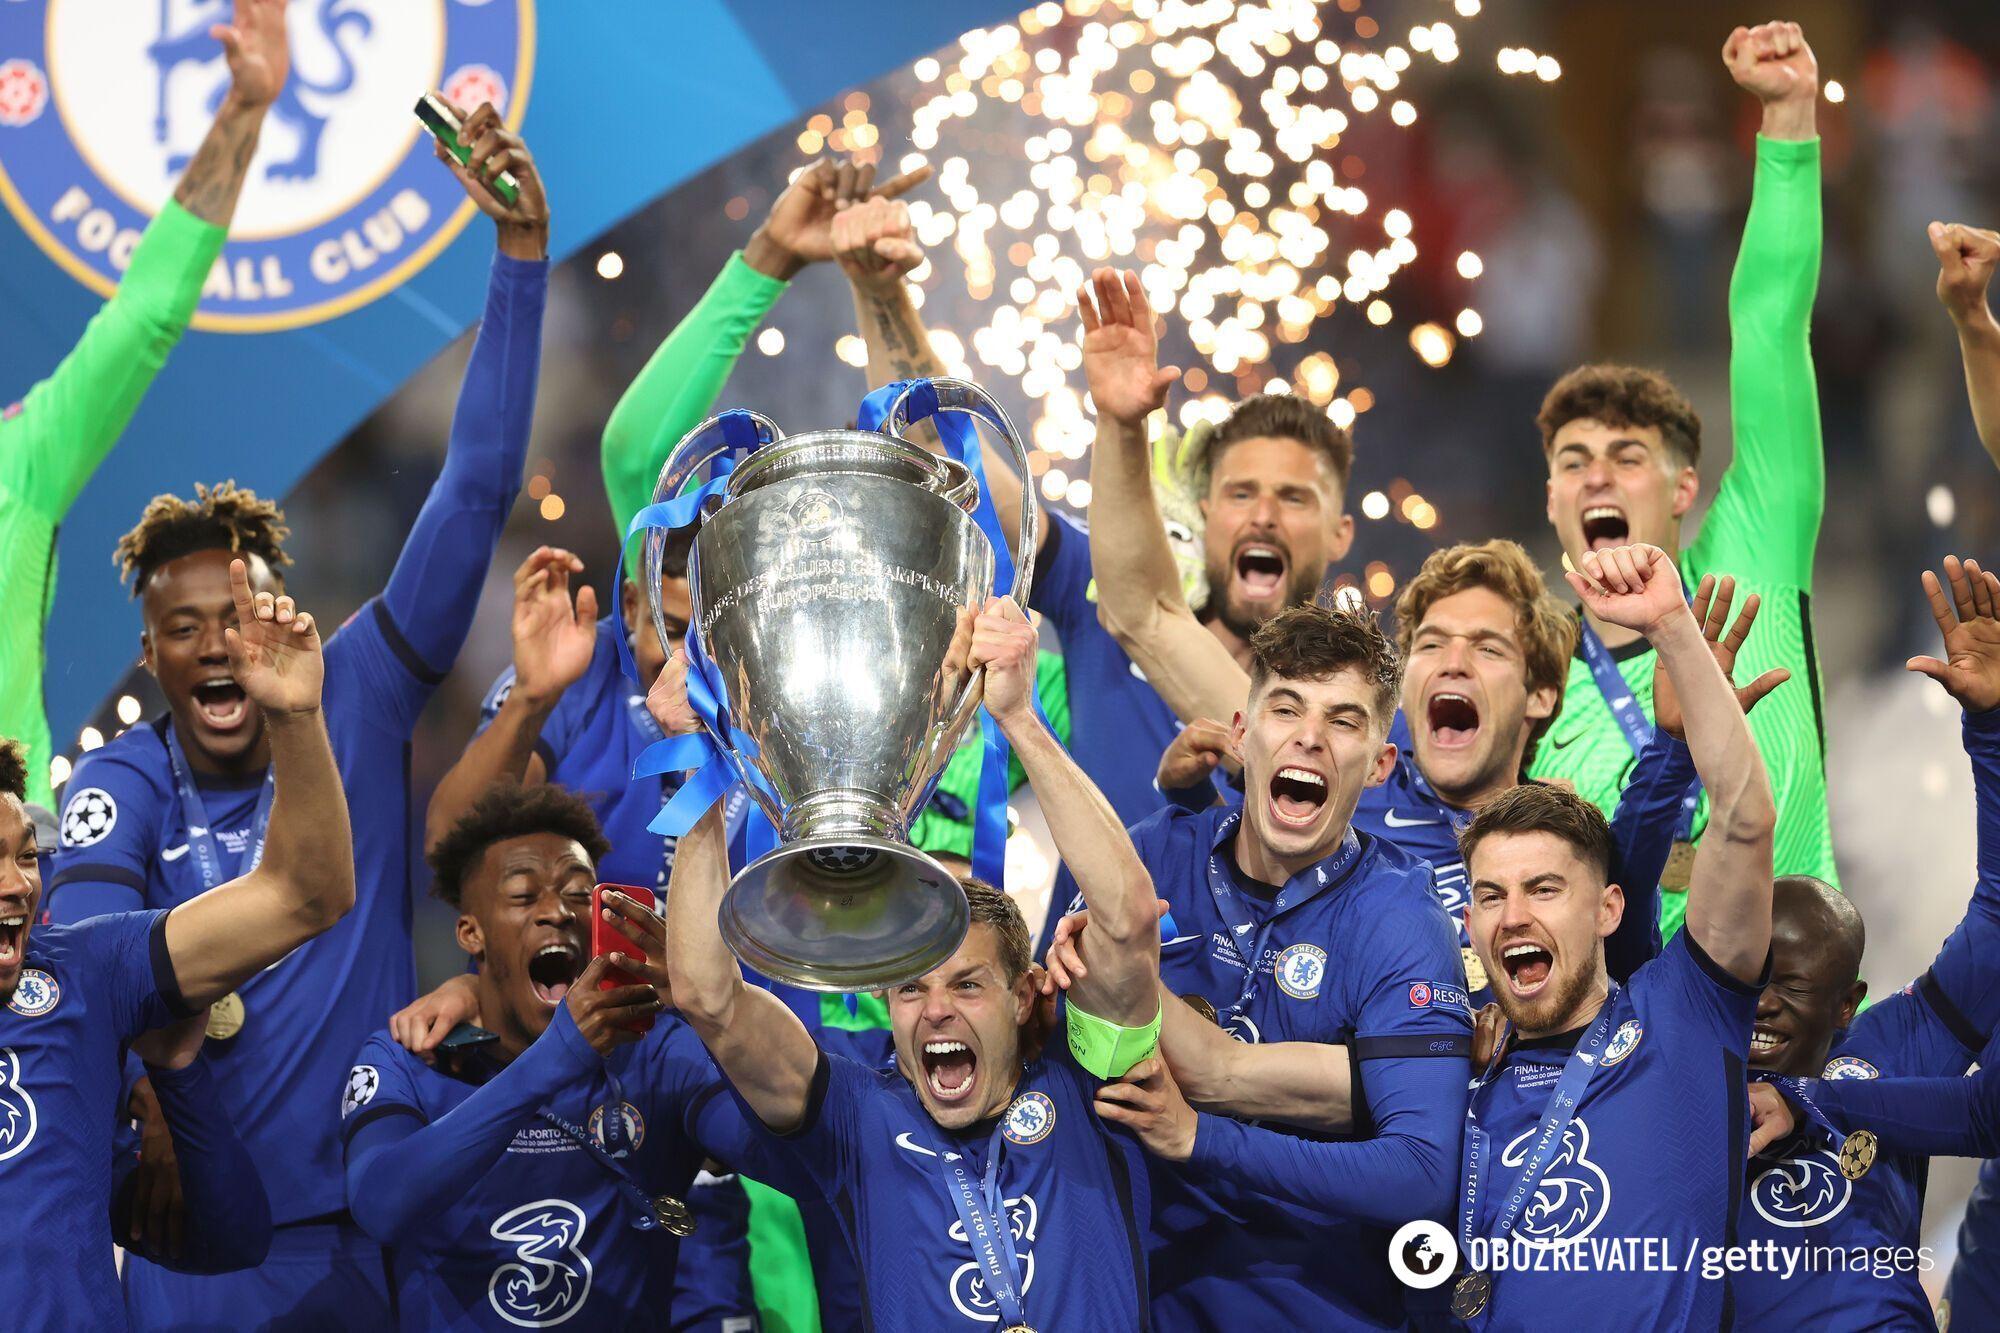 Челси выиграл Лигу чемпионов